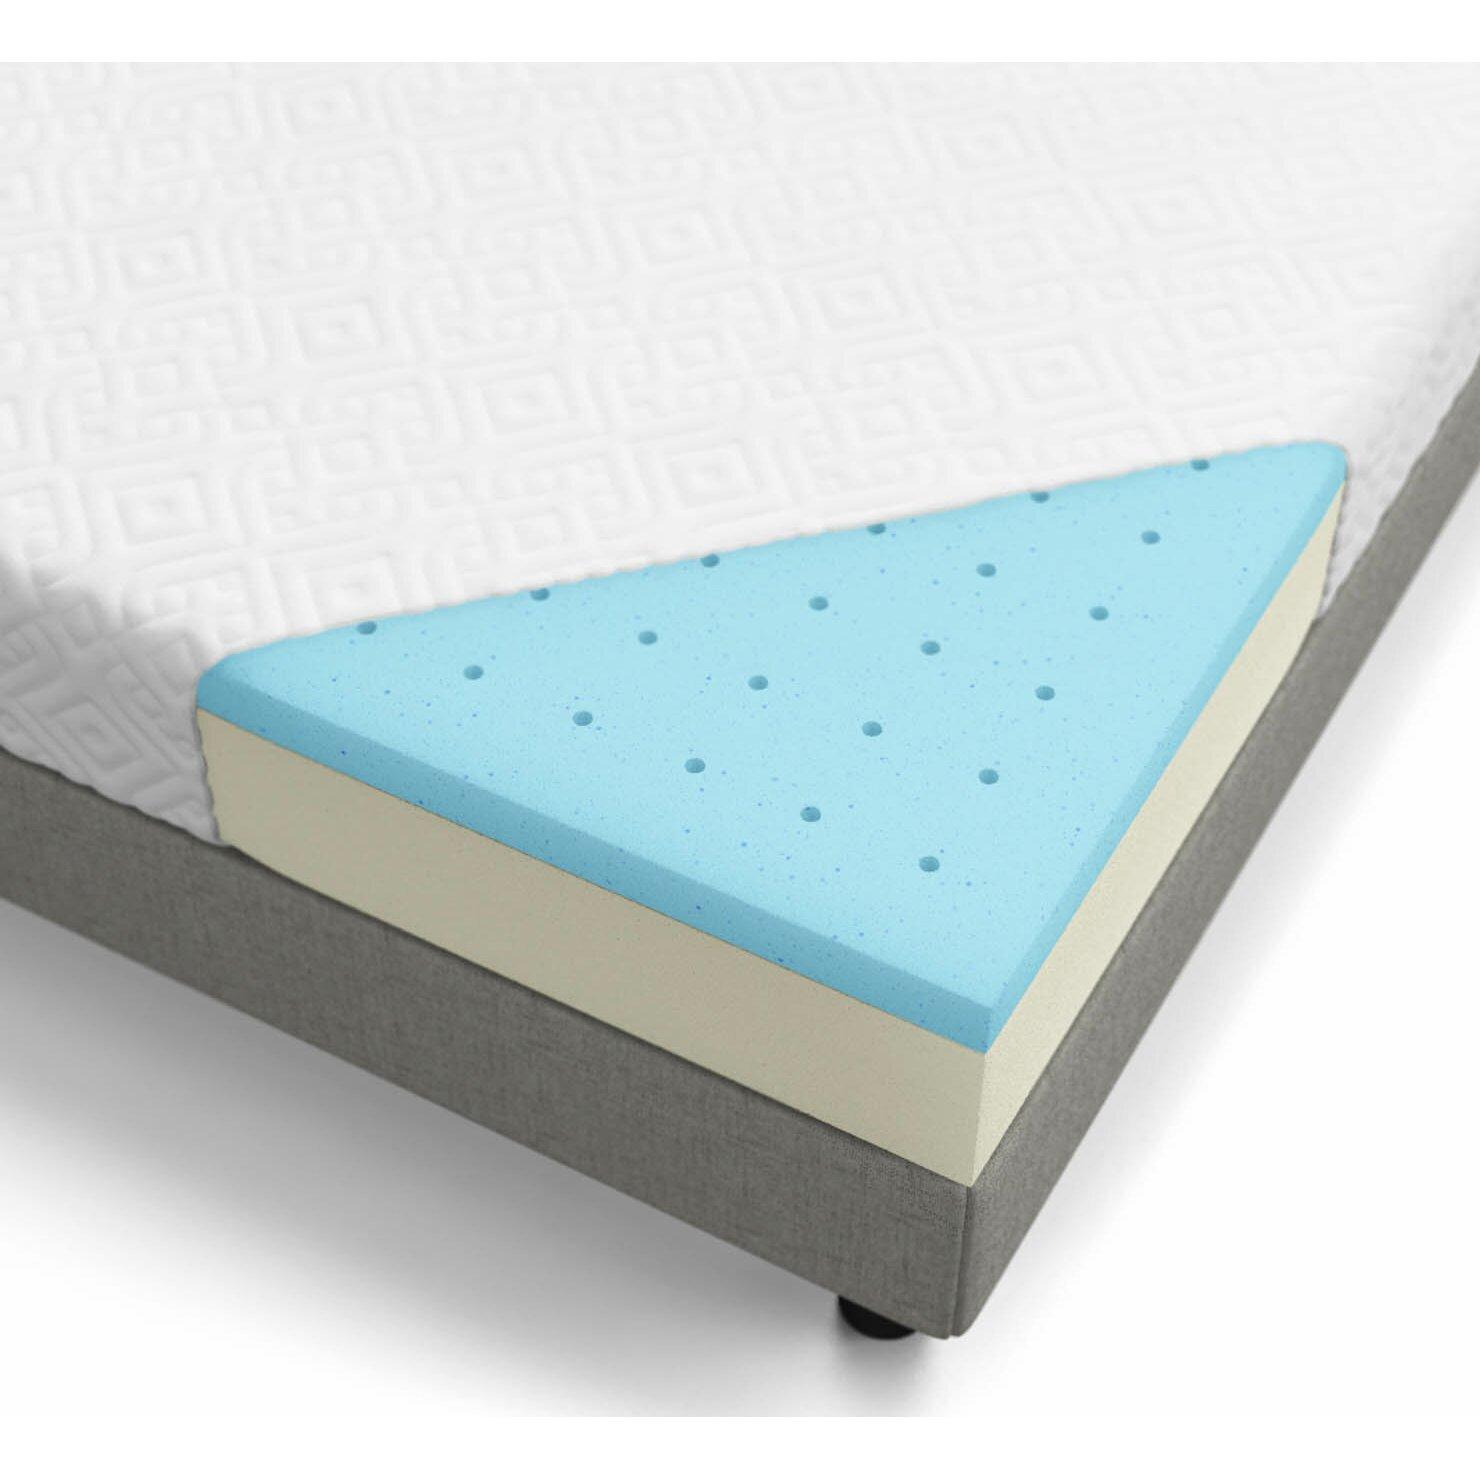 Lucid 8 memory foam mattress reviews wayfair for Living spaces mattress reviews